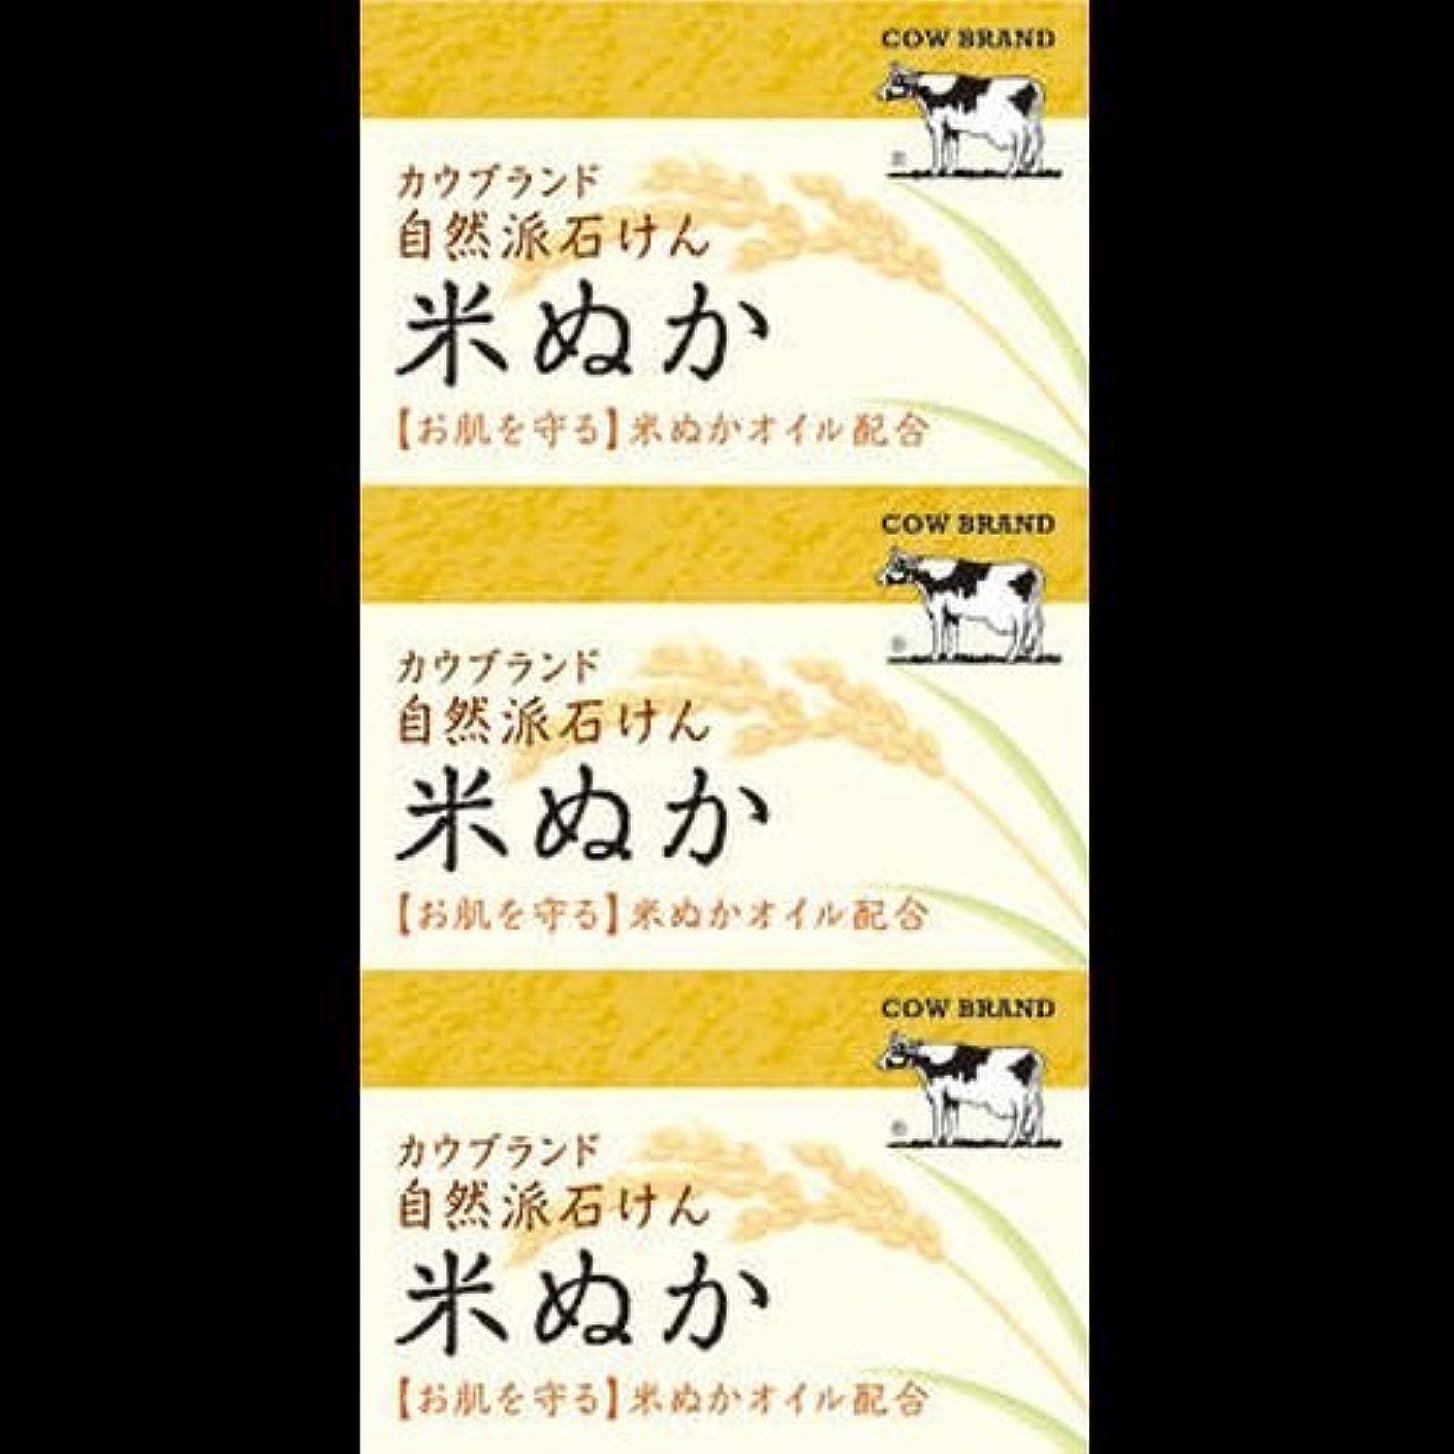 【まとめ買い】カウブランド 自然派石けん 米ぬか 100g*3個 ×2セット